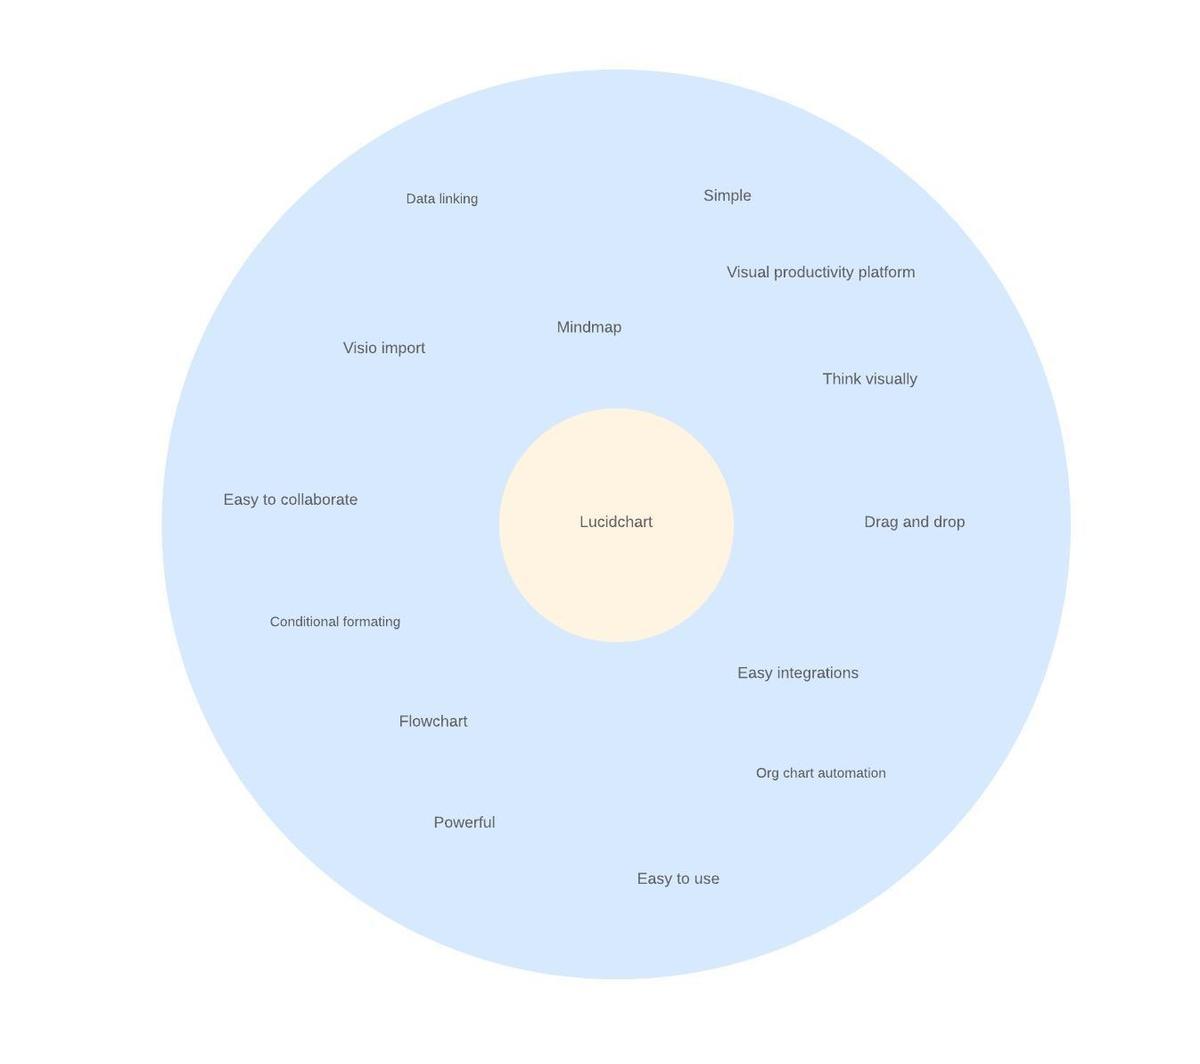 サークルマップのテンプレート